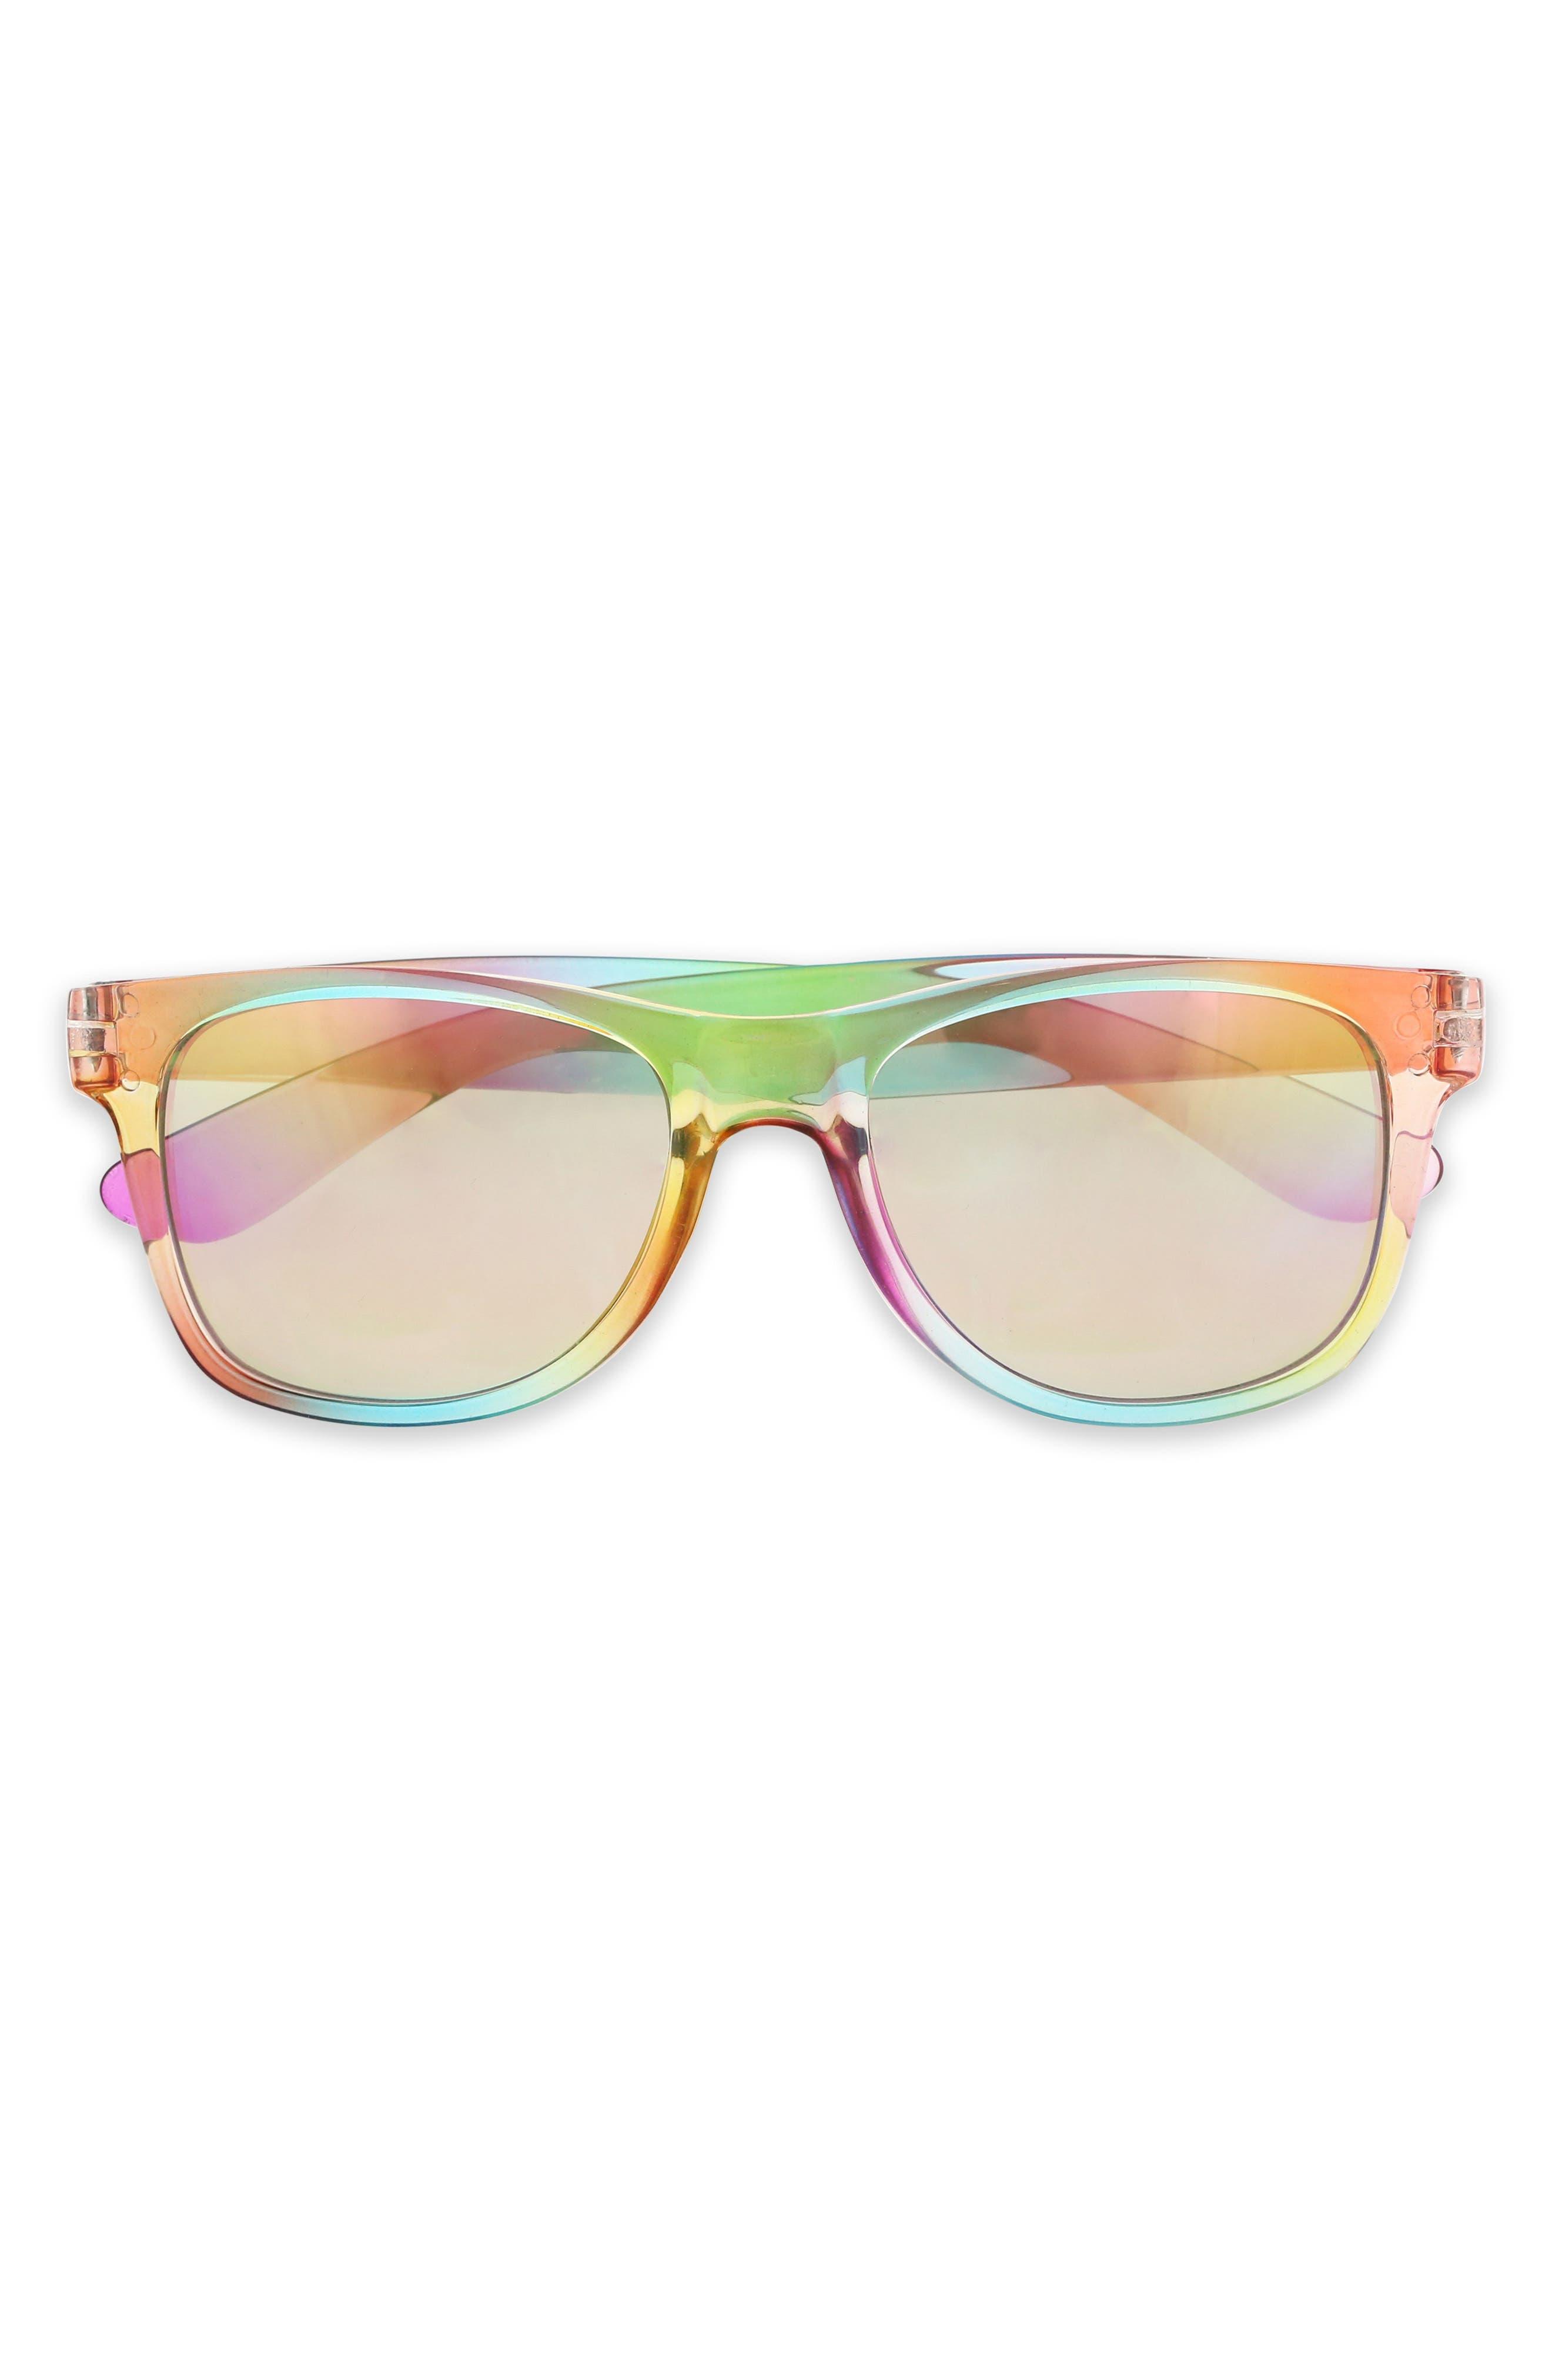 Main Image - Capelli New York 60mm Mirrored Sunglasses (Girls)